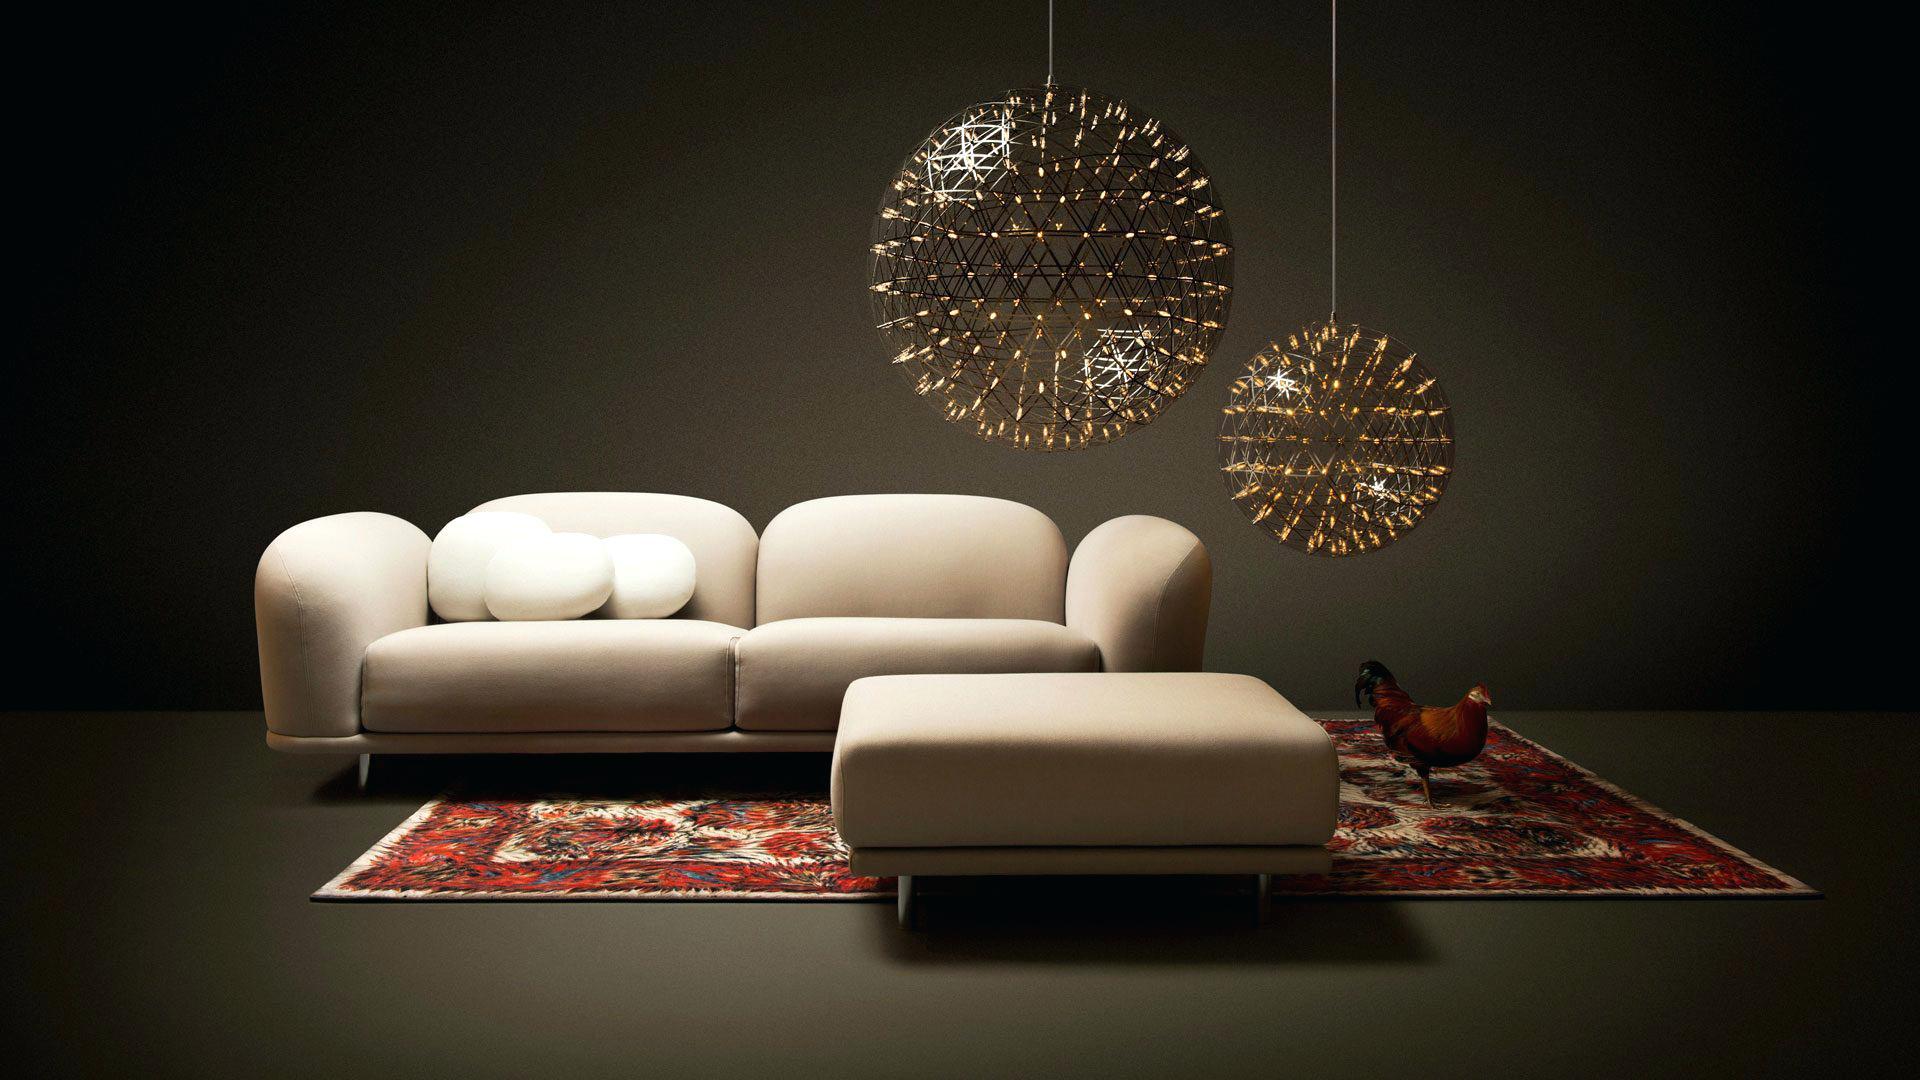 moooi-lighting-heracleum-random-light-led-furniture-nyc.jpg